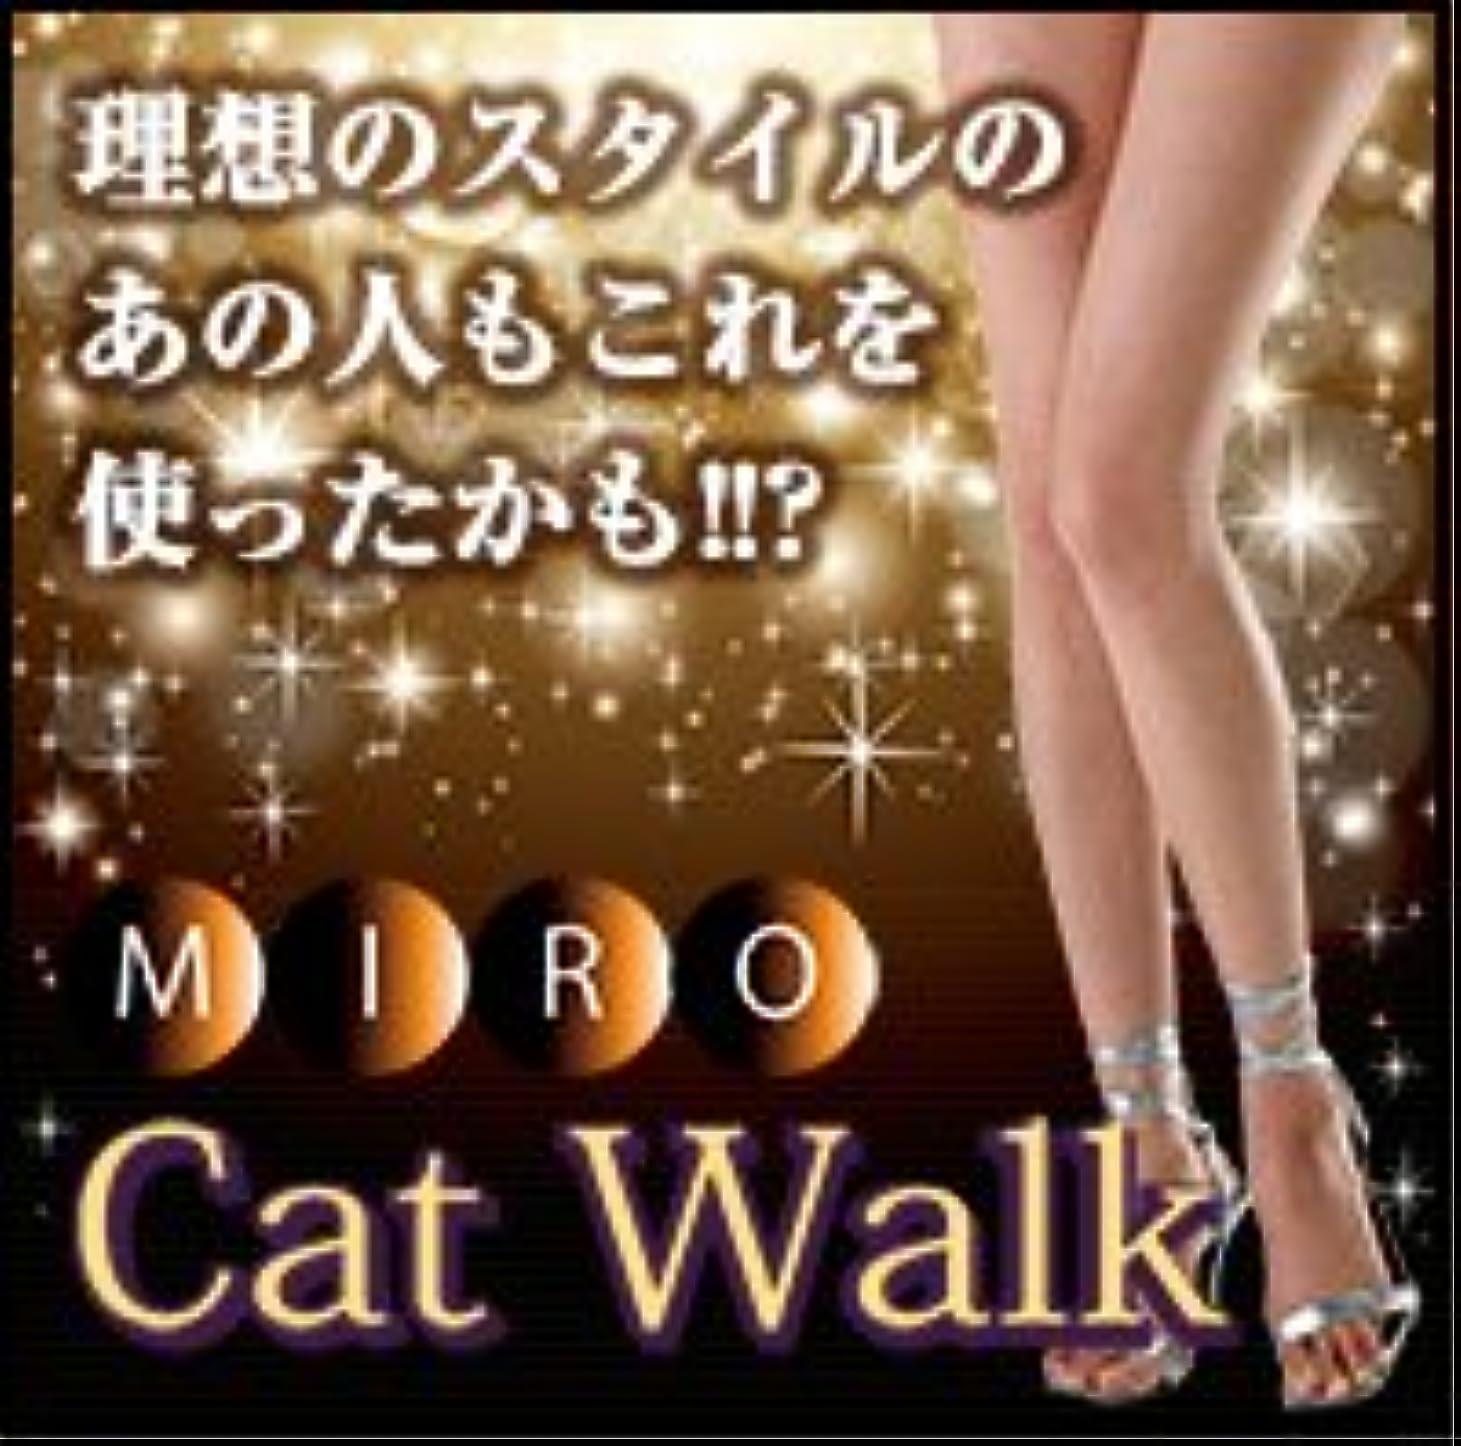 ダム協会ボードMIRO CAT Walk(ミロ キャットウォーク)/理想のスタイルのあの人もこれを使ったかも!?【CC】